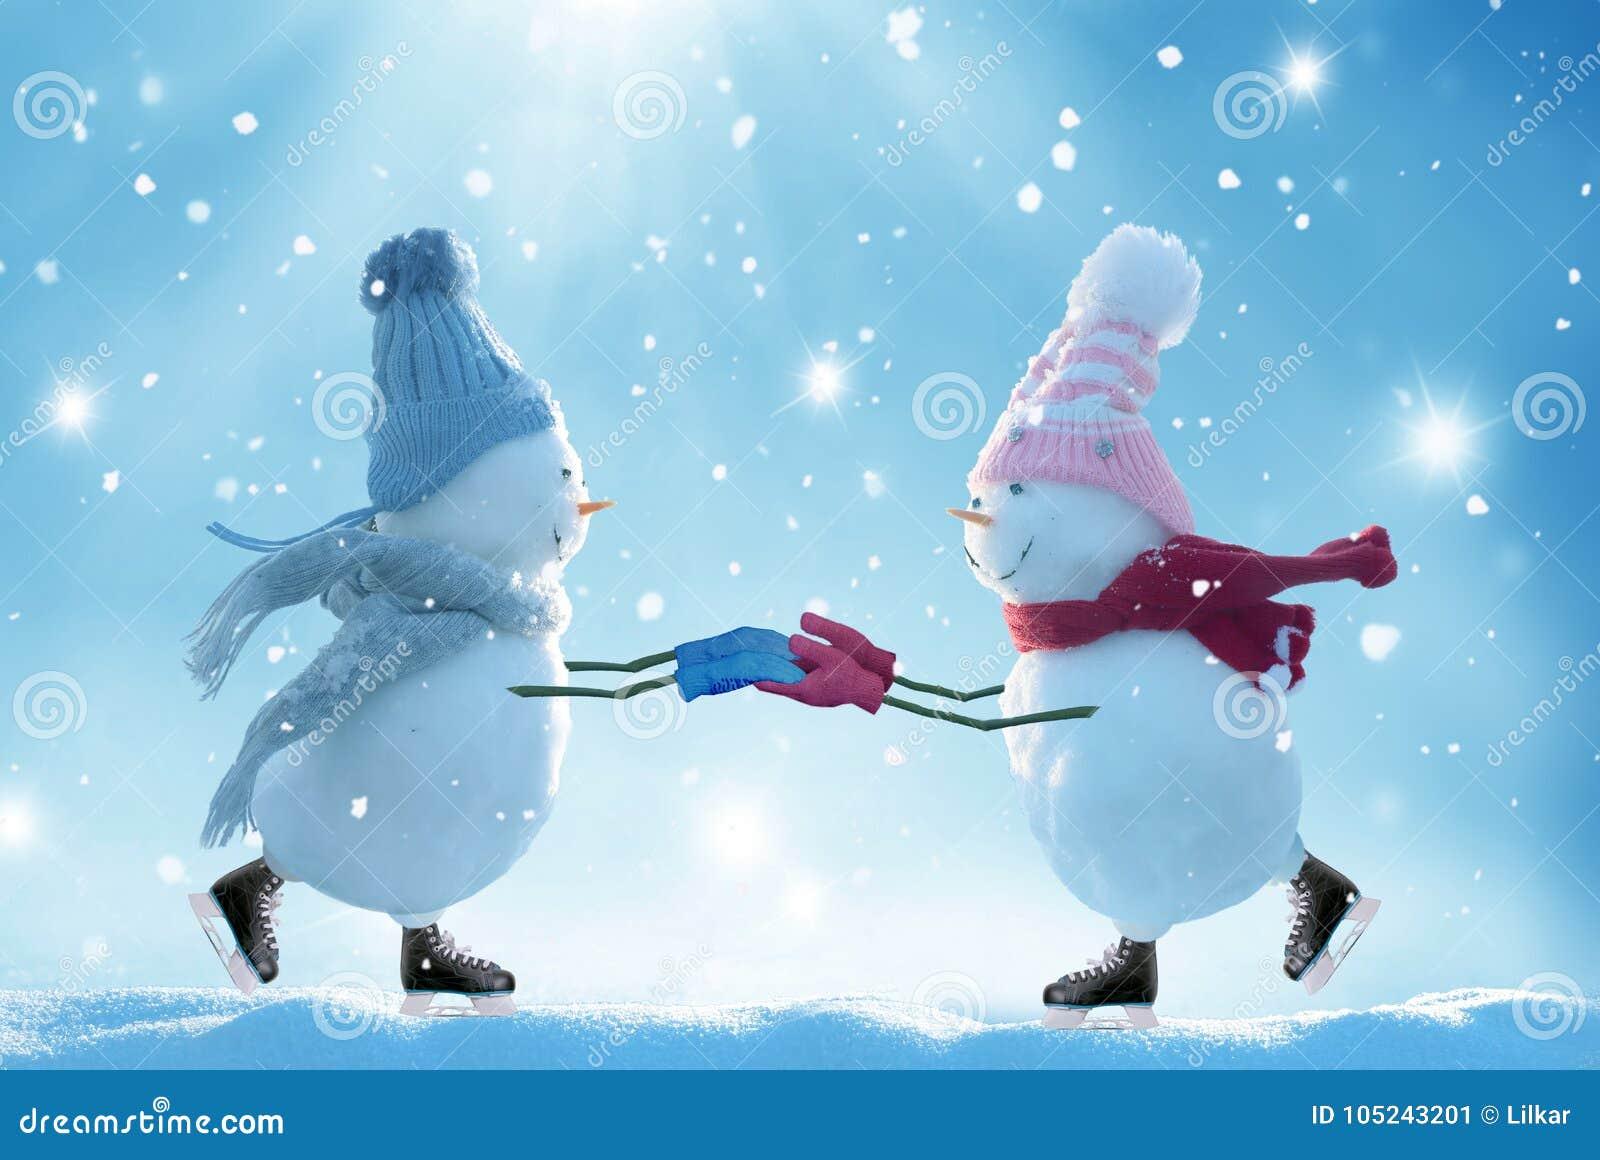 Dois bonecos de neve da patinagem no gelo